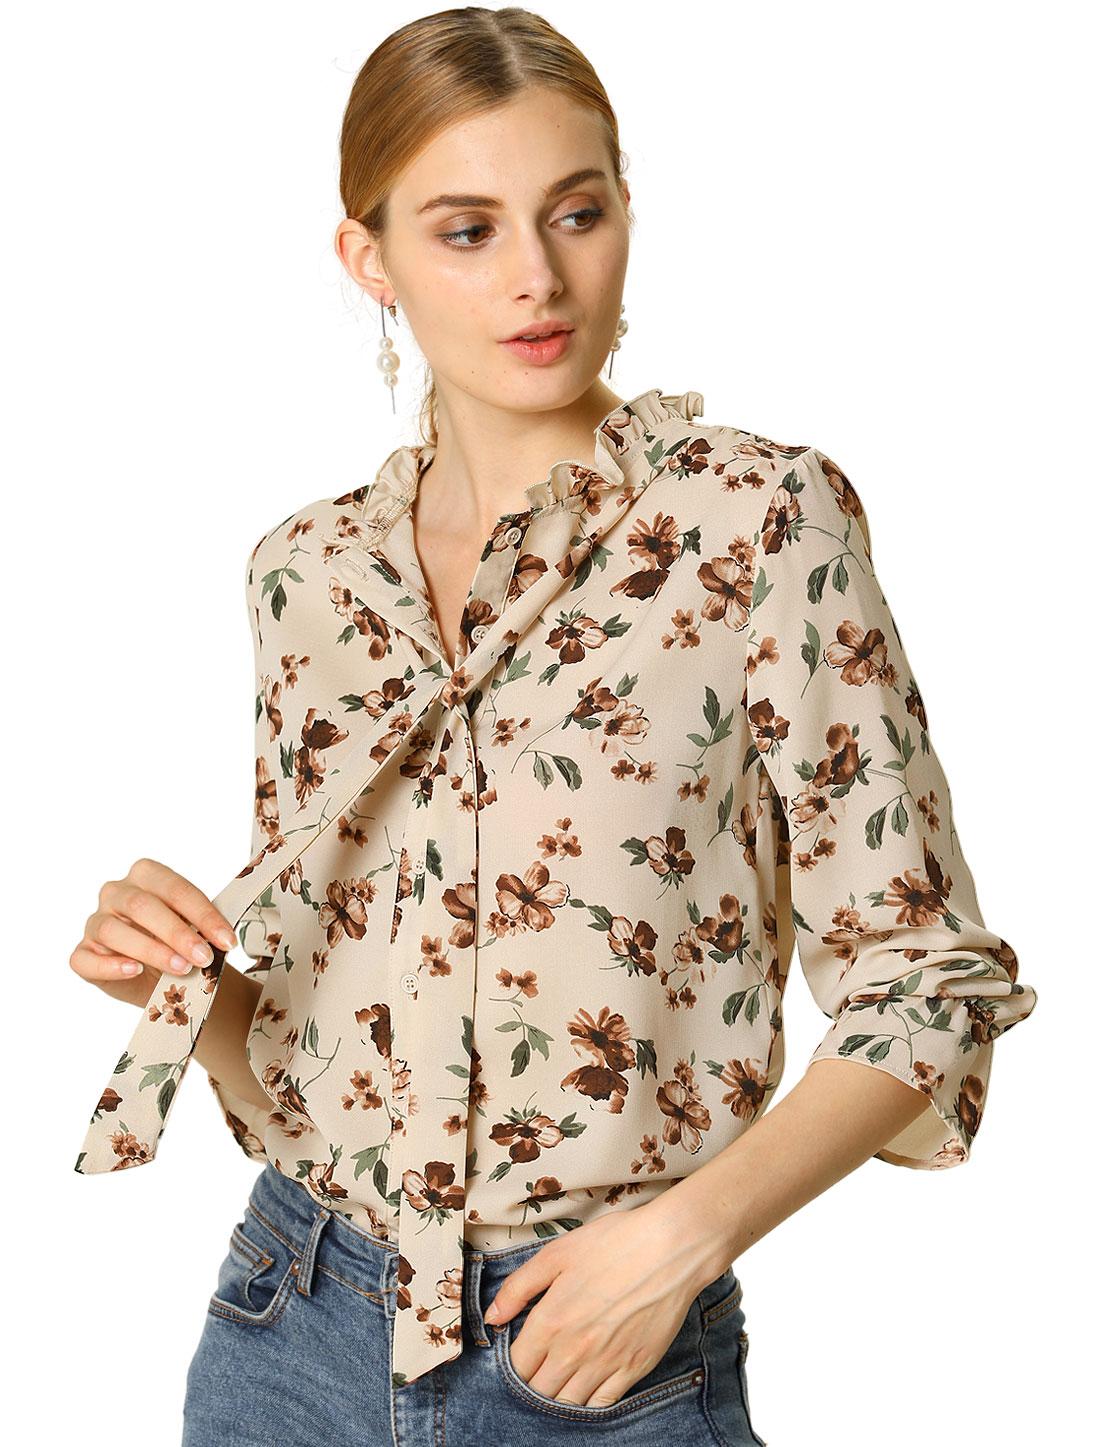 Allegra K Women's Floral Ruffle Tie Neck Long Sleeve Blouse Beige XL